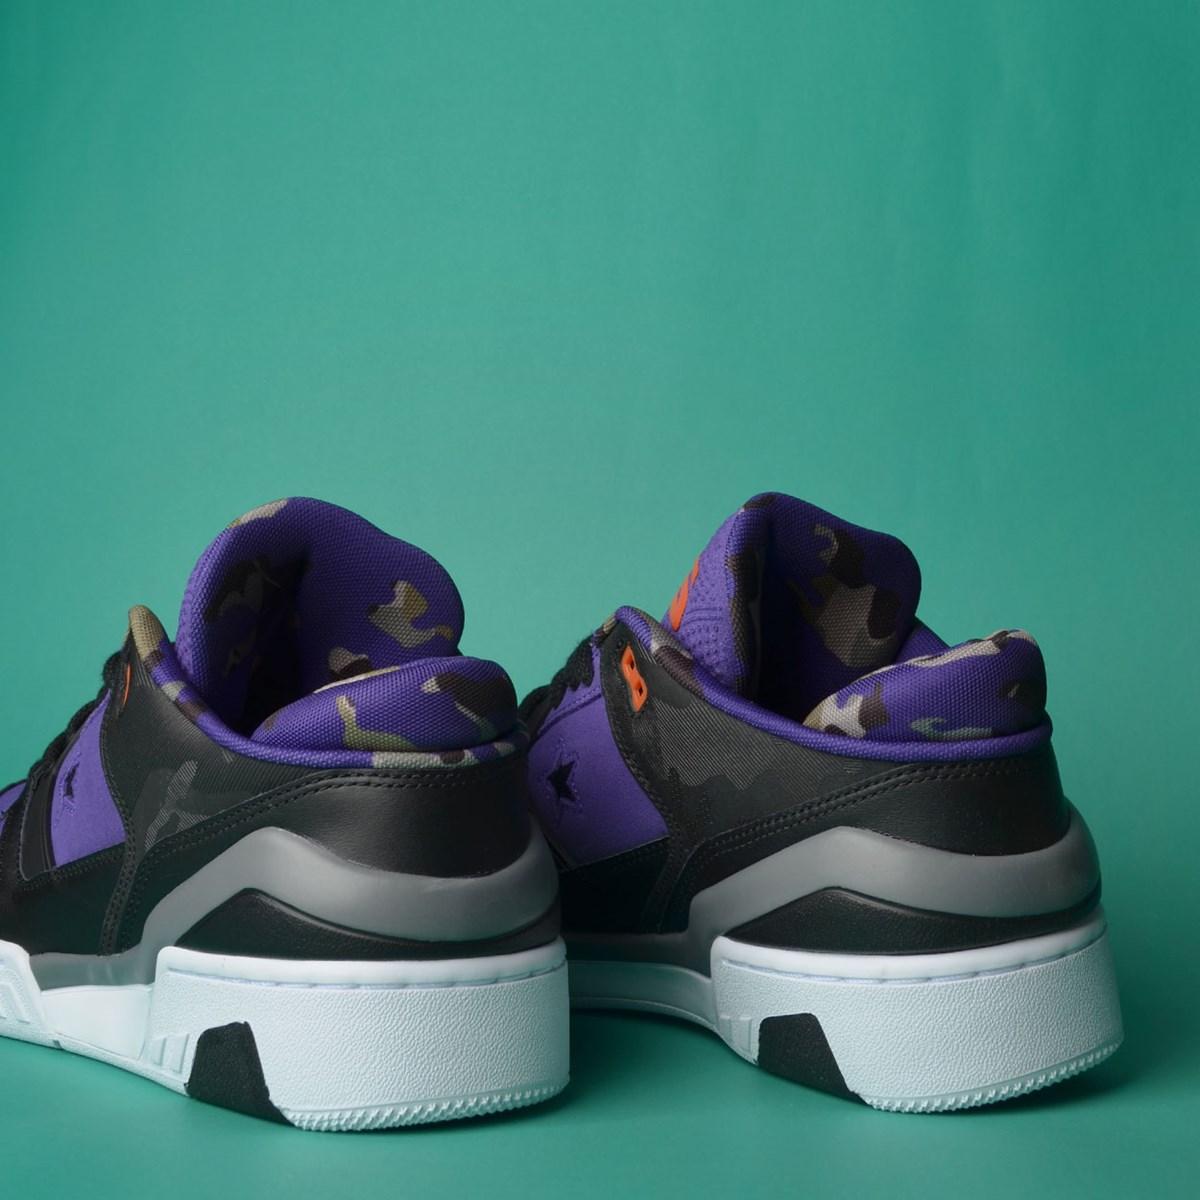 Tênis Converse ERX 260 Ox Court Purple Black White 165908C